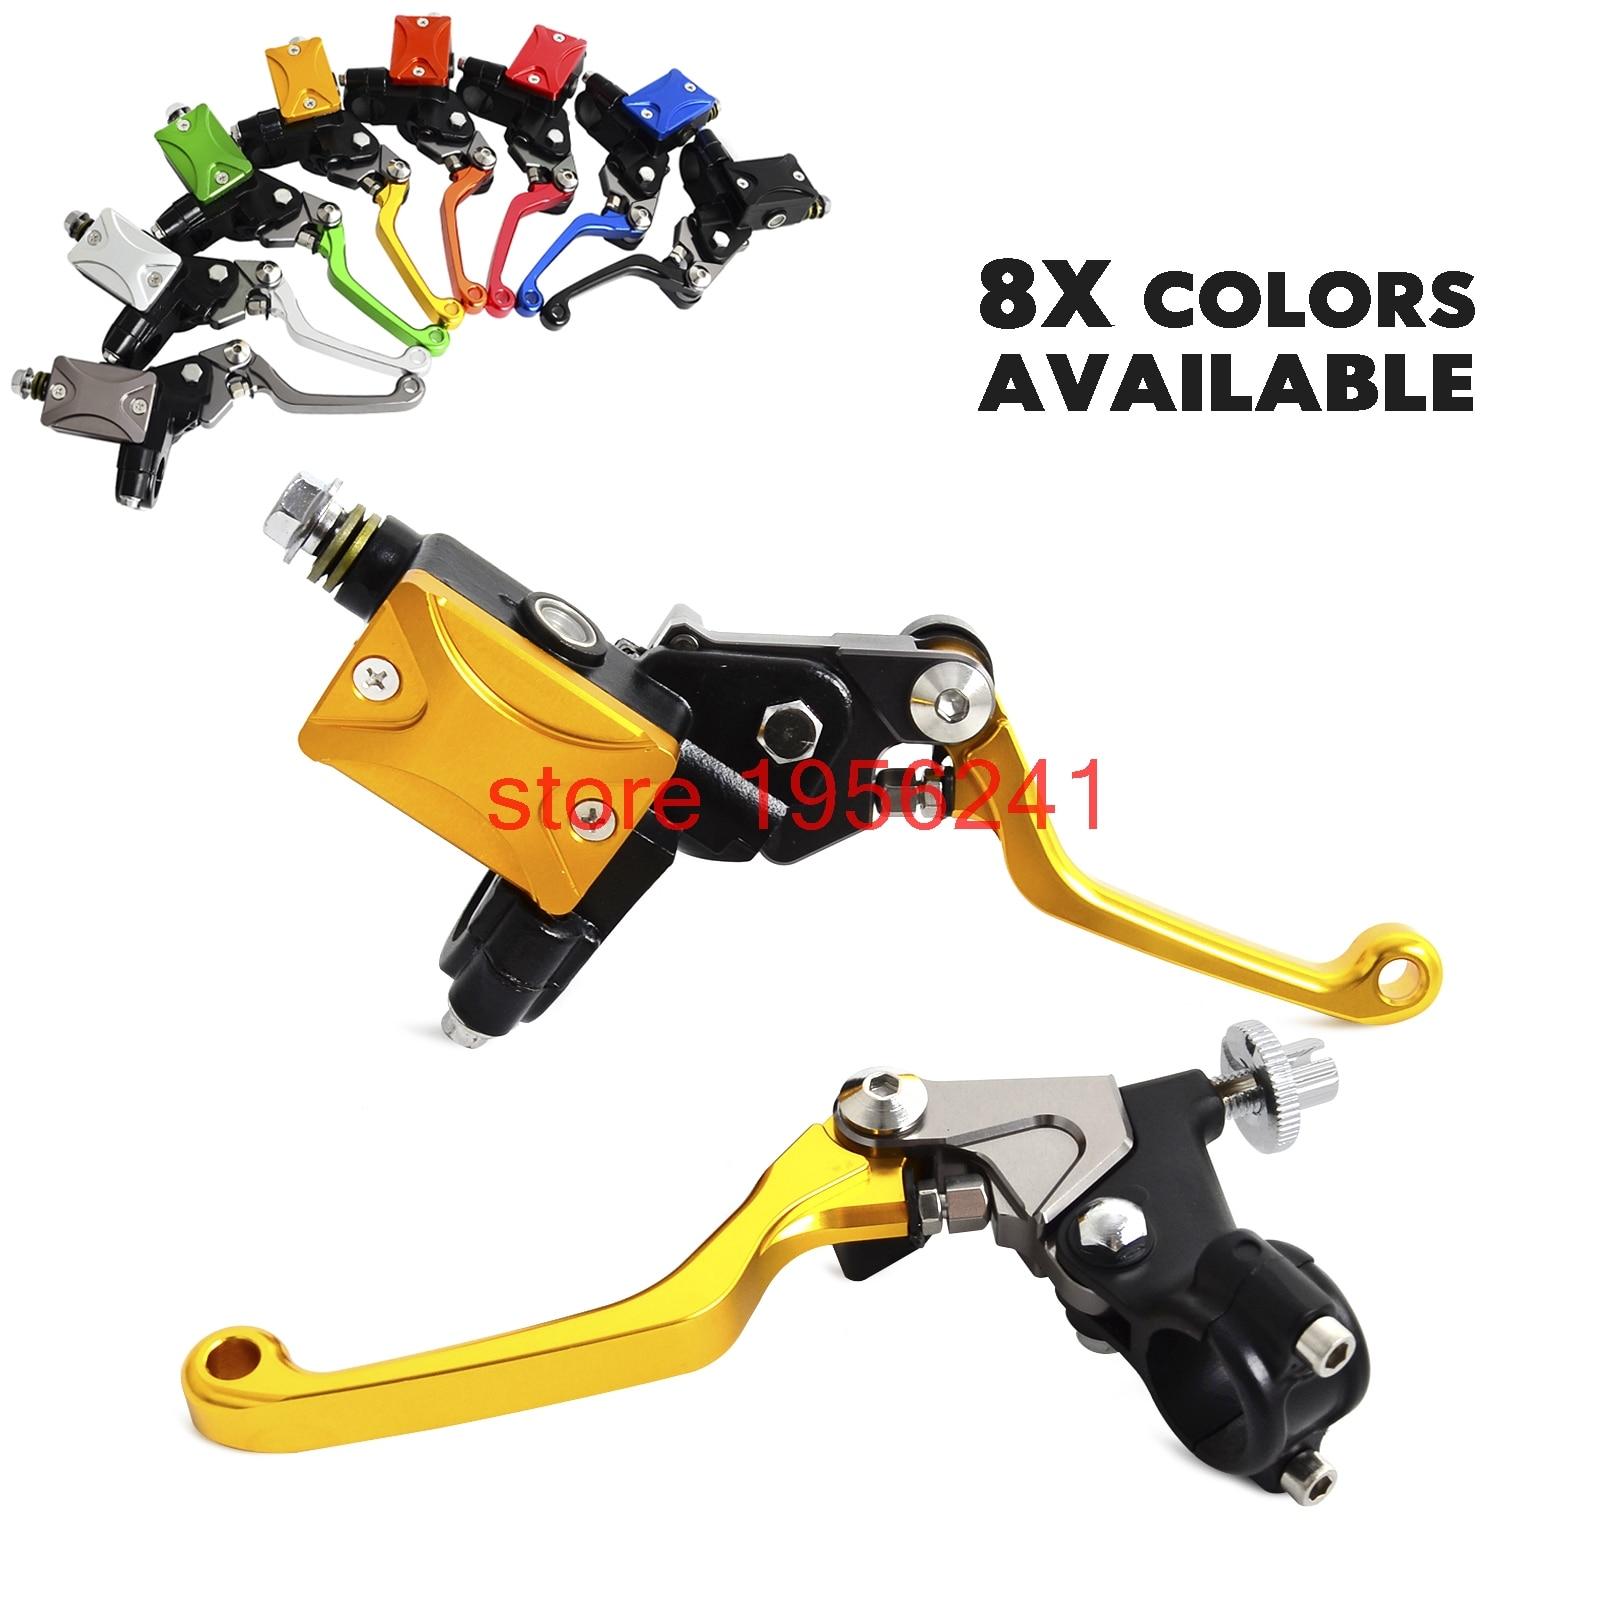 H2CNC Hydraulic Brake & Cable Clutch Lever Set Assembly For Yamaha YZ80 YZ85 YZ125 YZ250 YZ250F YZ426F YZ450F YFZ450 DT230 cnc pivot brake clutch lever for yamaha yz125 yz250 2008 2014 yz250f yz450f 2007 2008 motorcycle dirt bike yz 125 250 250f 450f